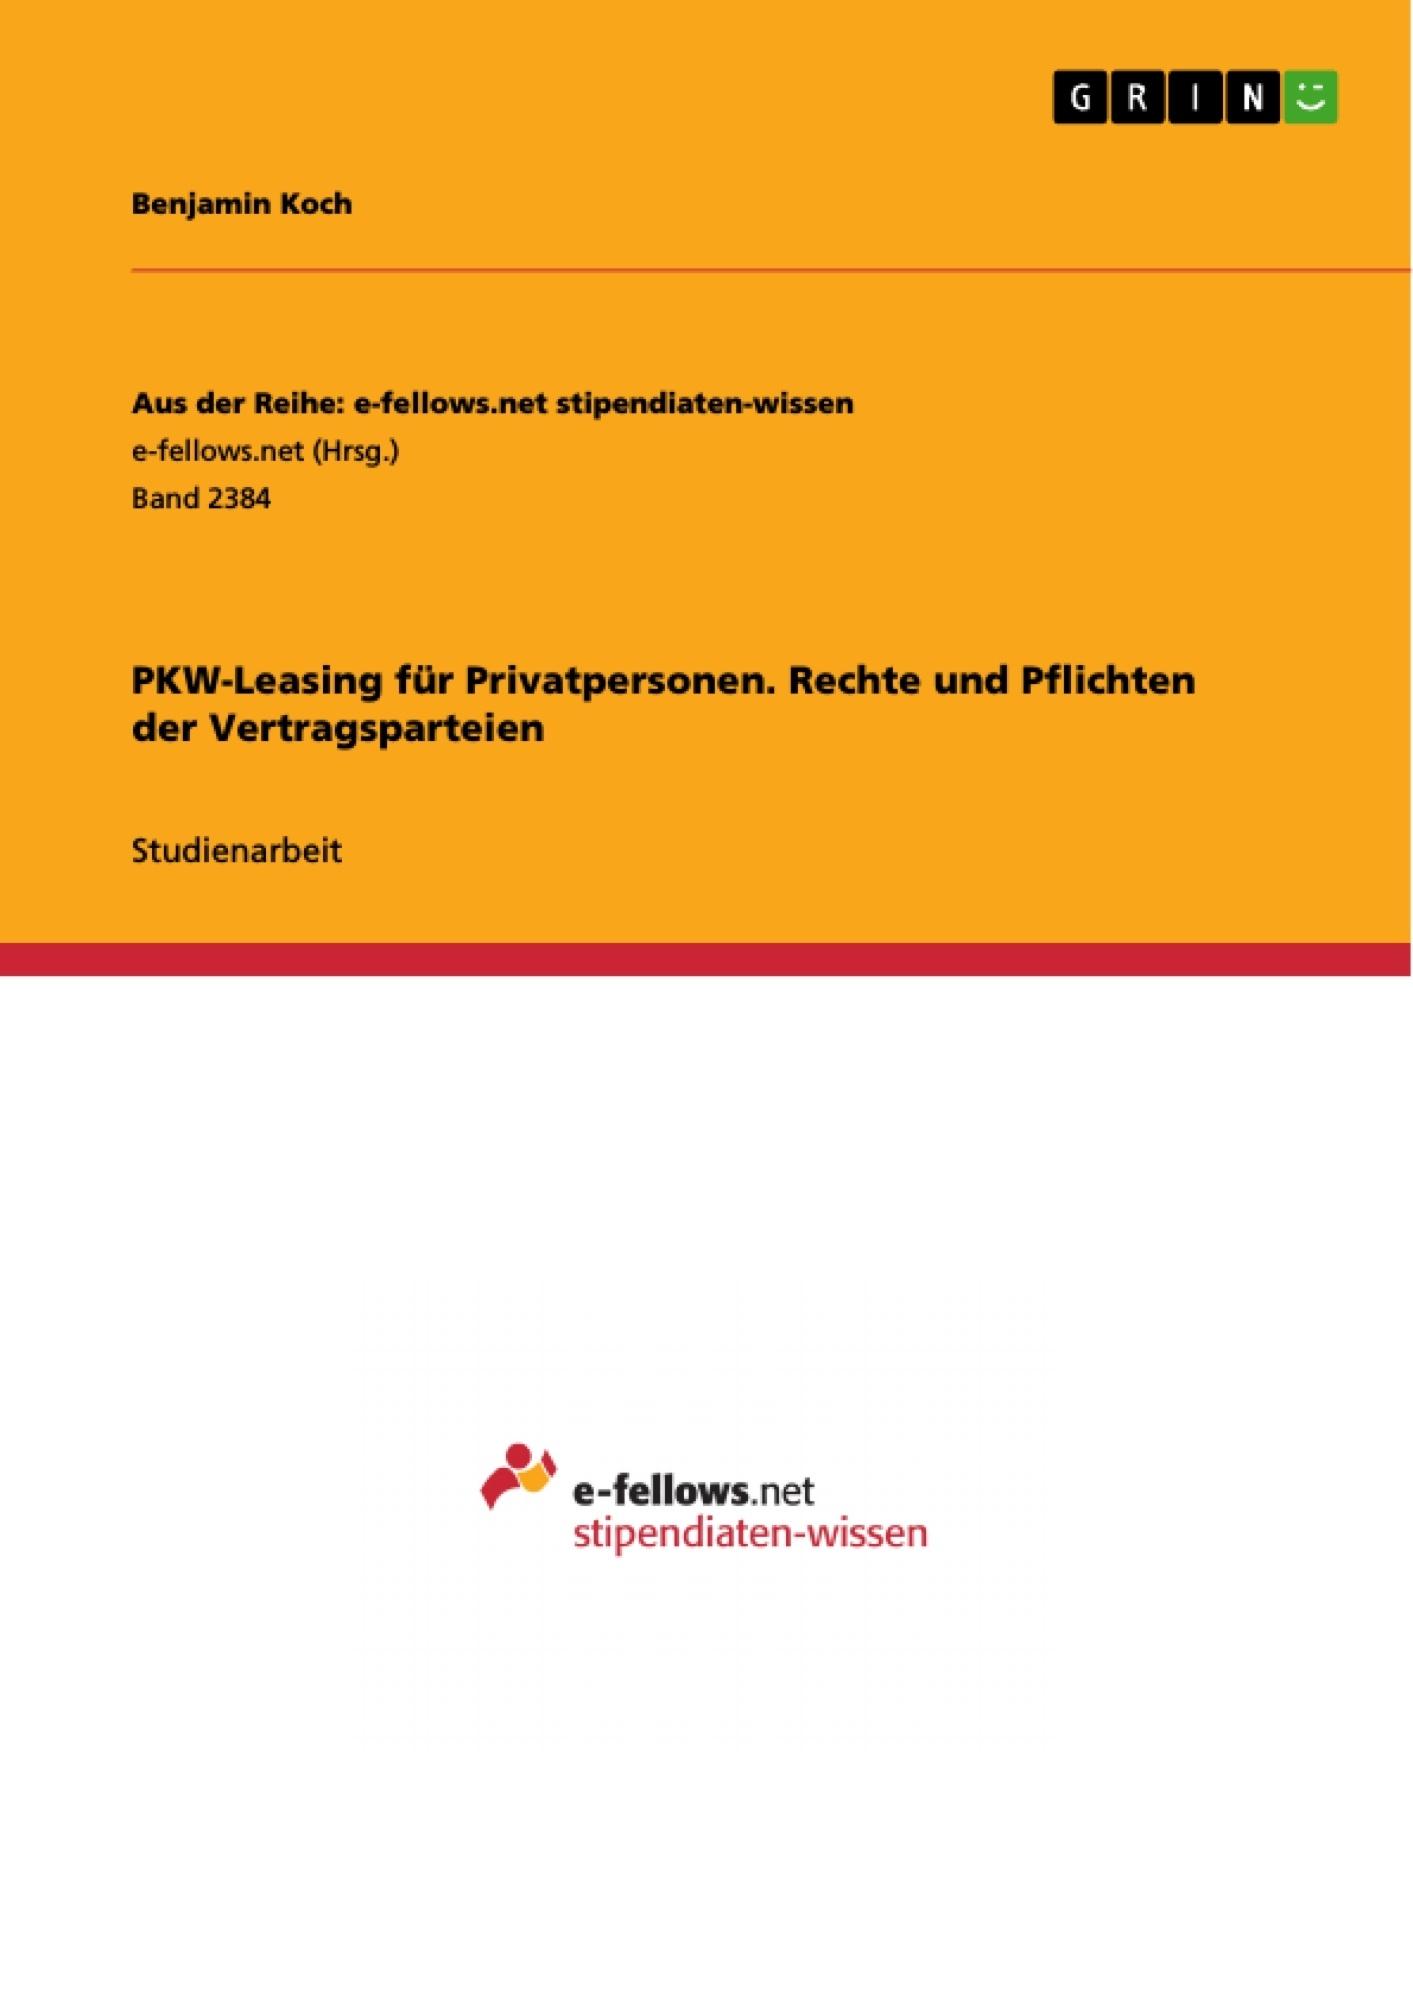 PKW-Leasing für Privatpersonen. Rechte und Pflichten der ...